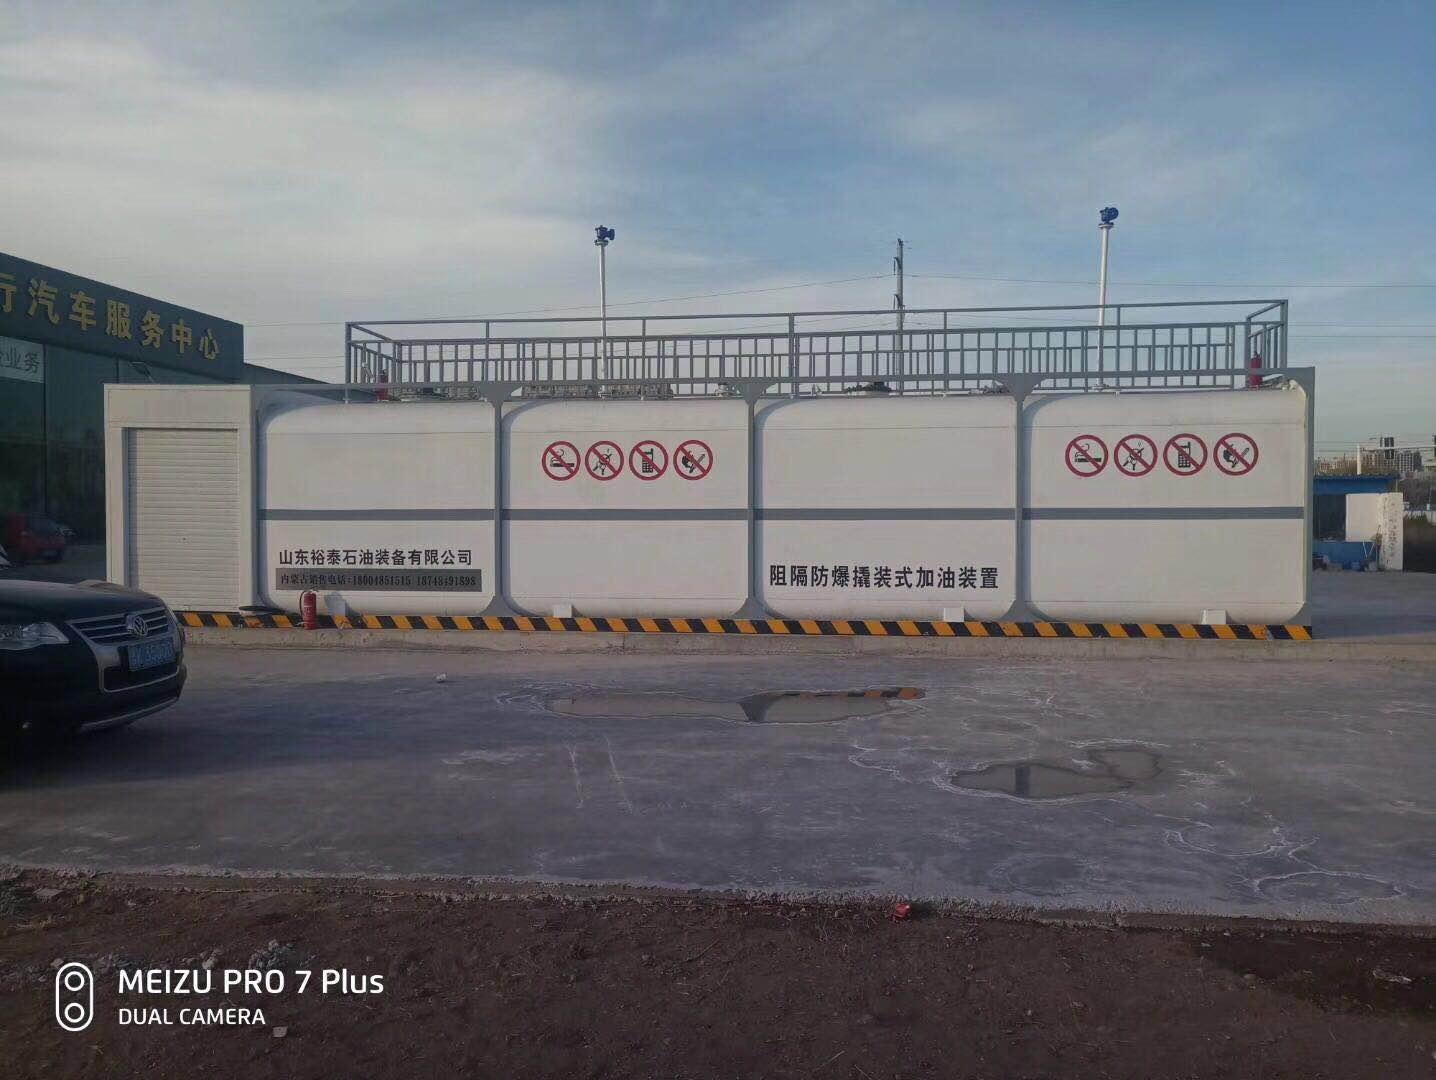 高性价10m³单平台箱式阻隔防爆撬装式加油装置供销-抢手的10m³单平台箱式阻隔防爆撬装式加油装置